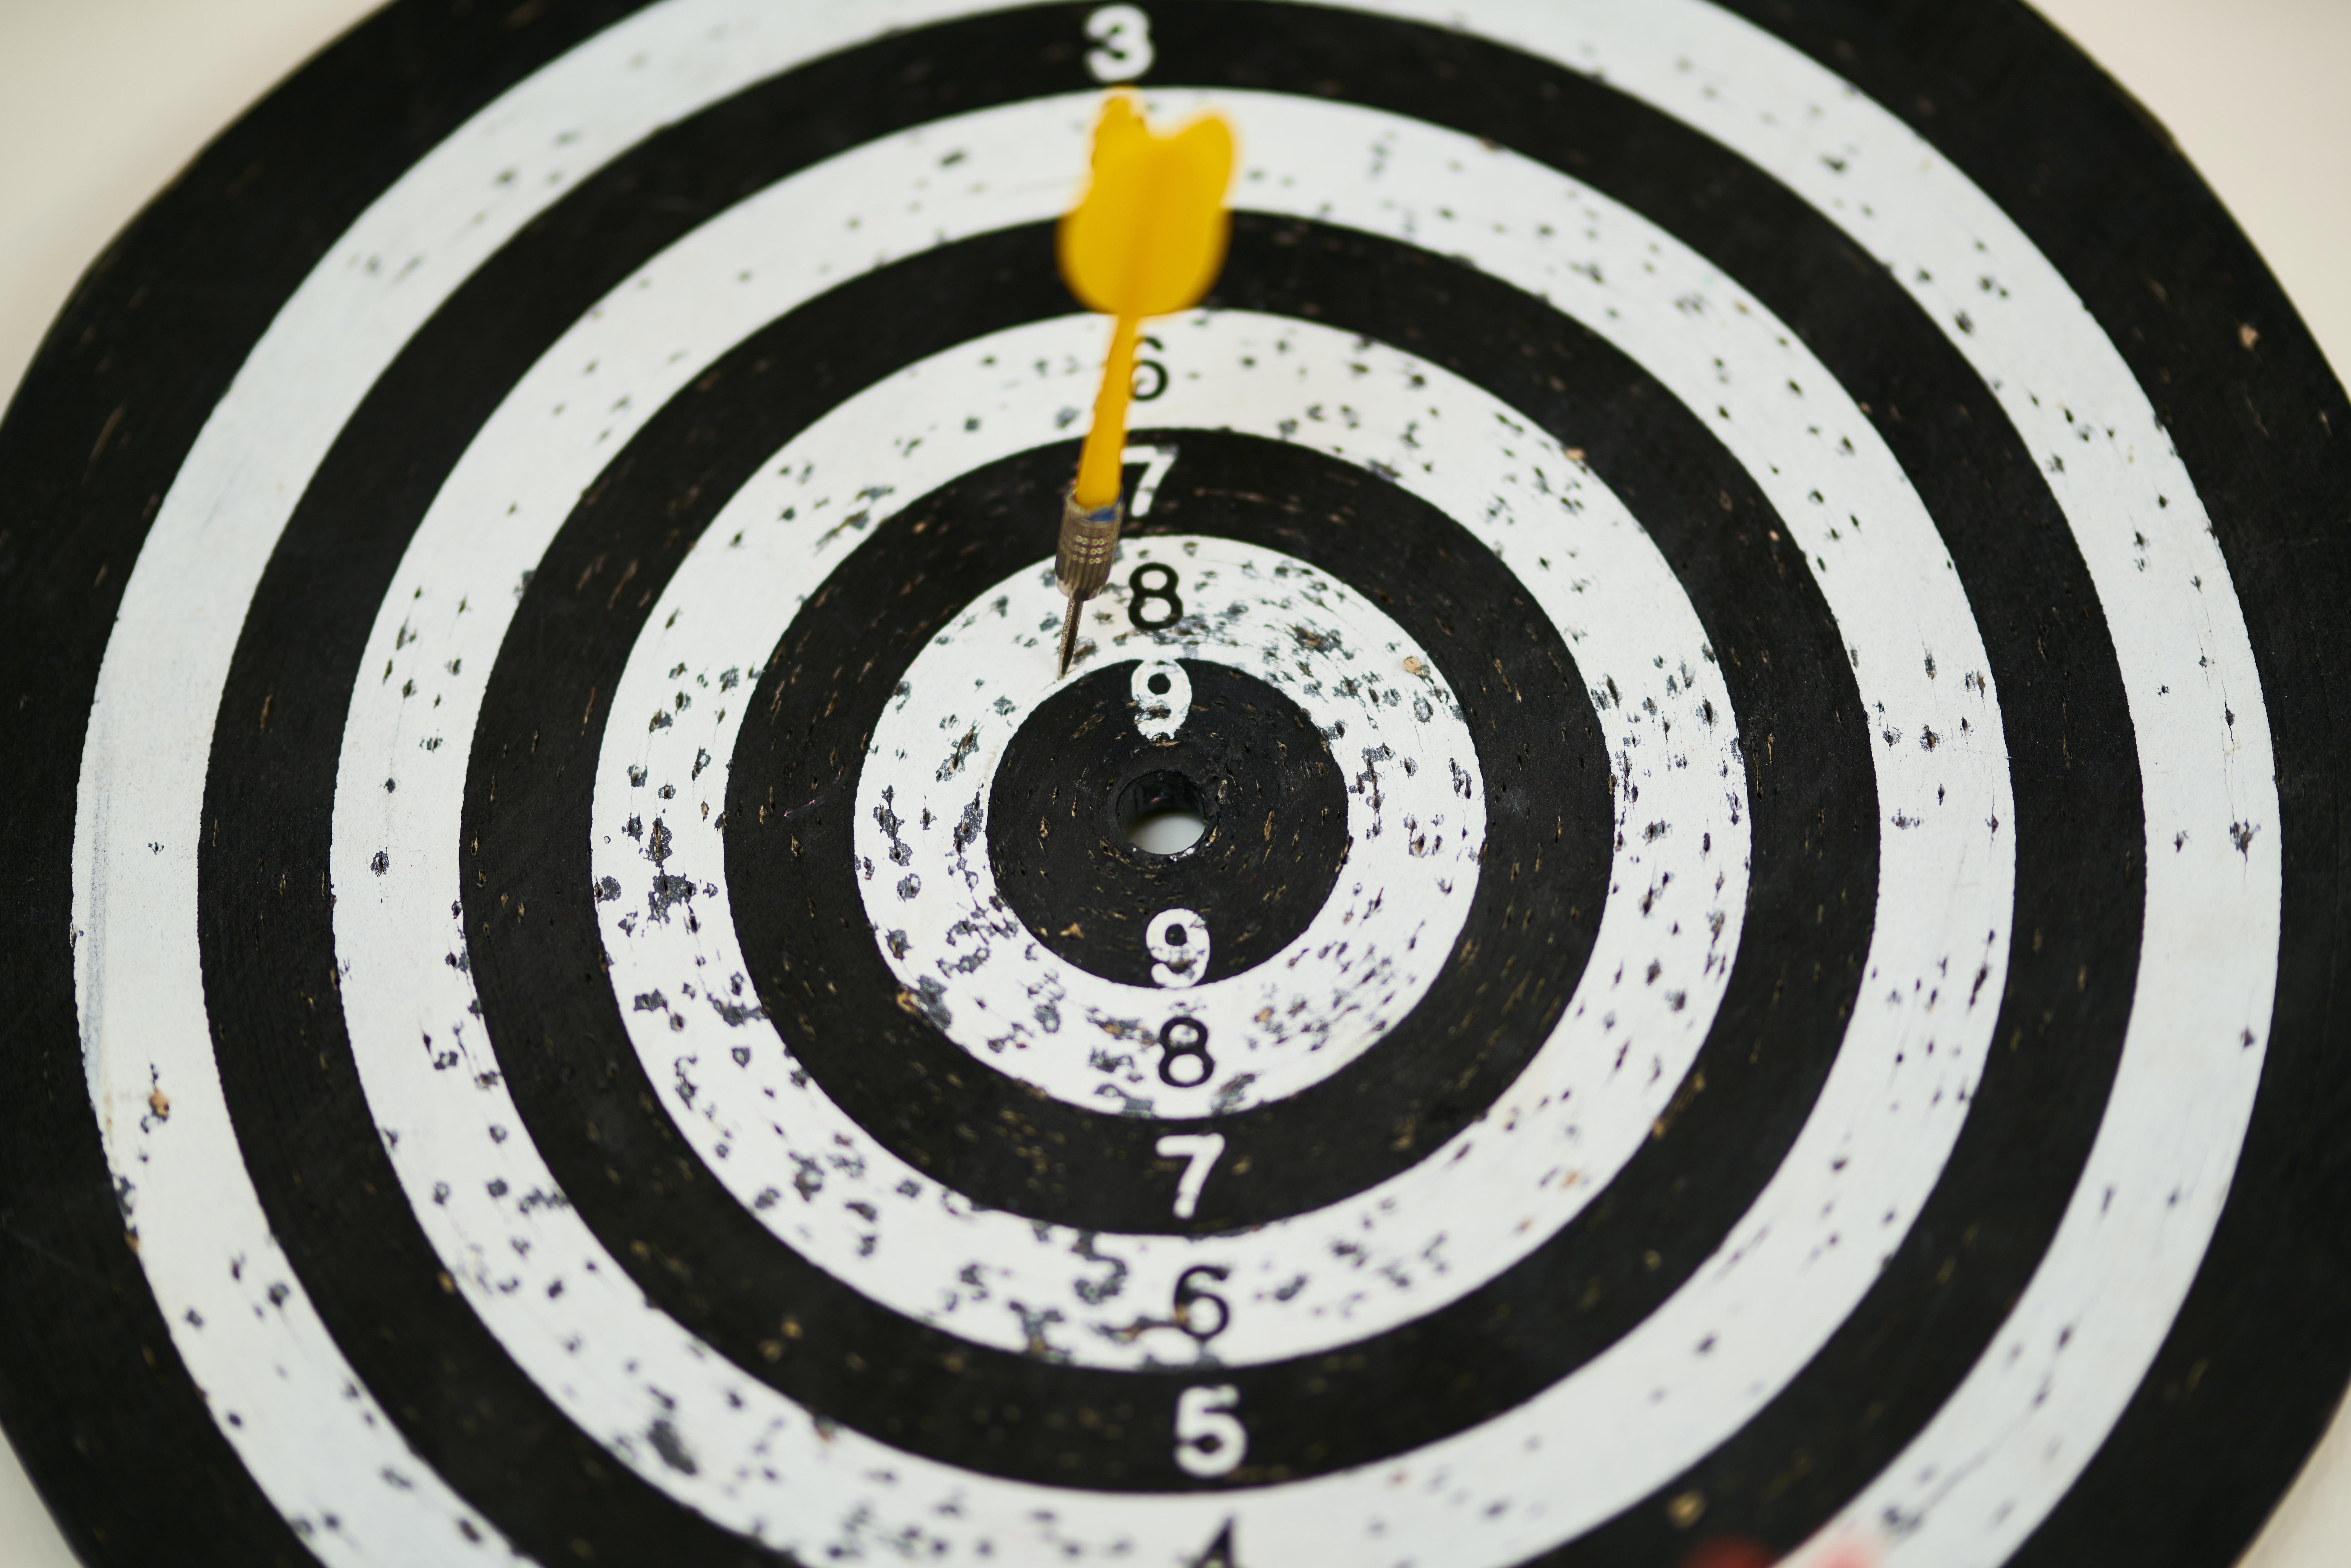 كيف يتم تحديد الجمهور المستهدف وكيف يؤثر على نشاطك التجاري؟